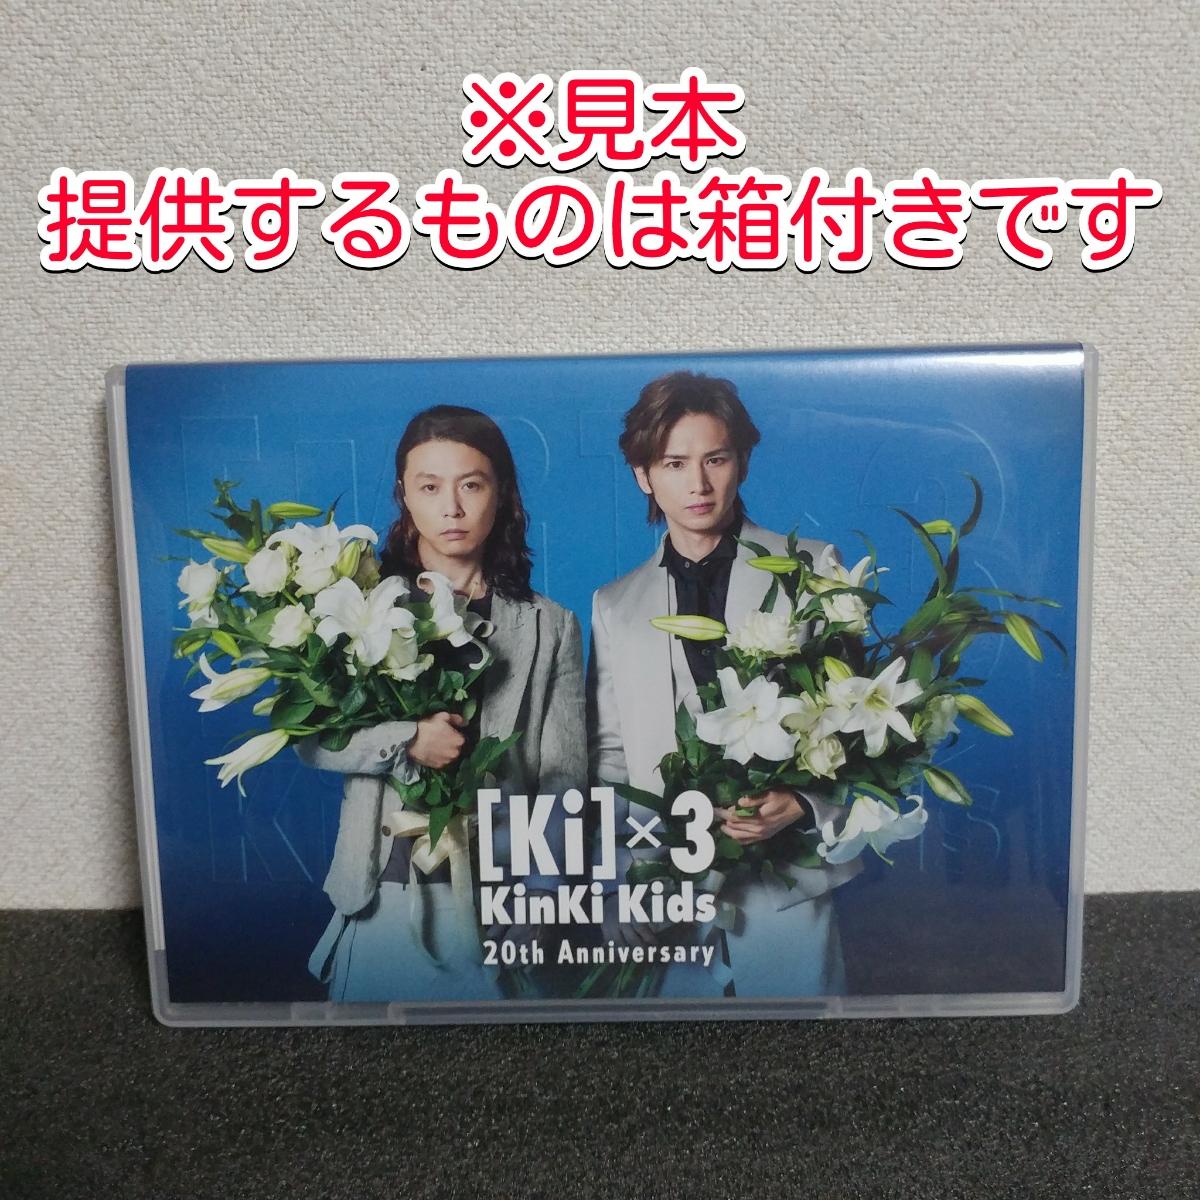 箱付き 未開封品】 KinKi Kids 20th Anniversary 20周年記念品 DVD ファンクラブ FC 限定 グッズ キンキキッズ ジャニーズ 在庫4